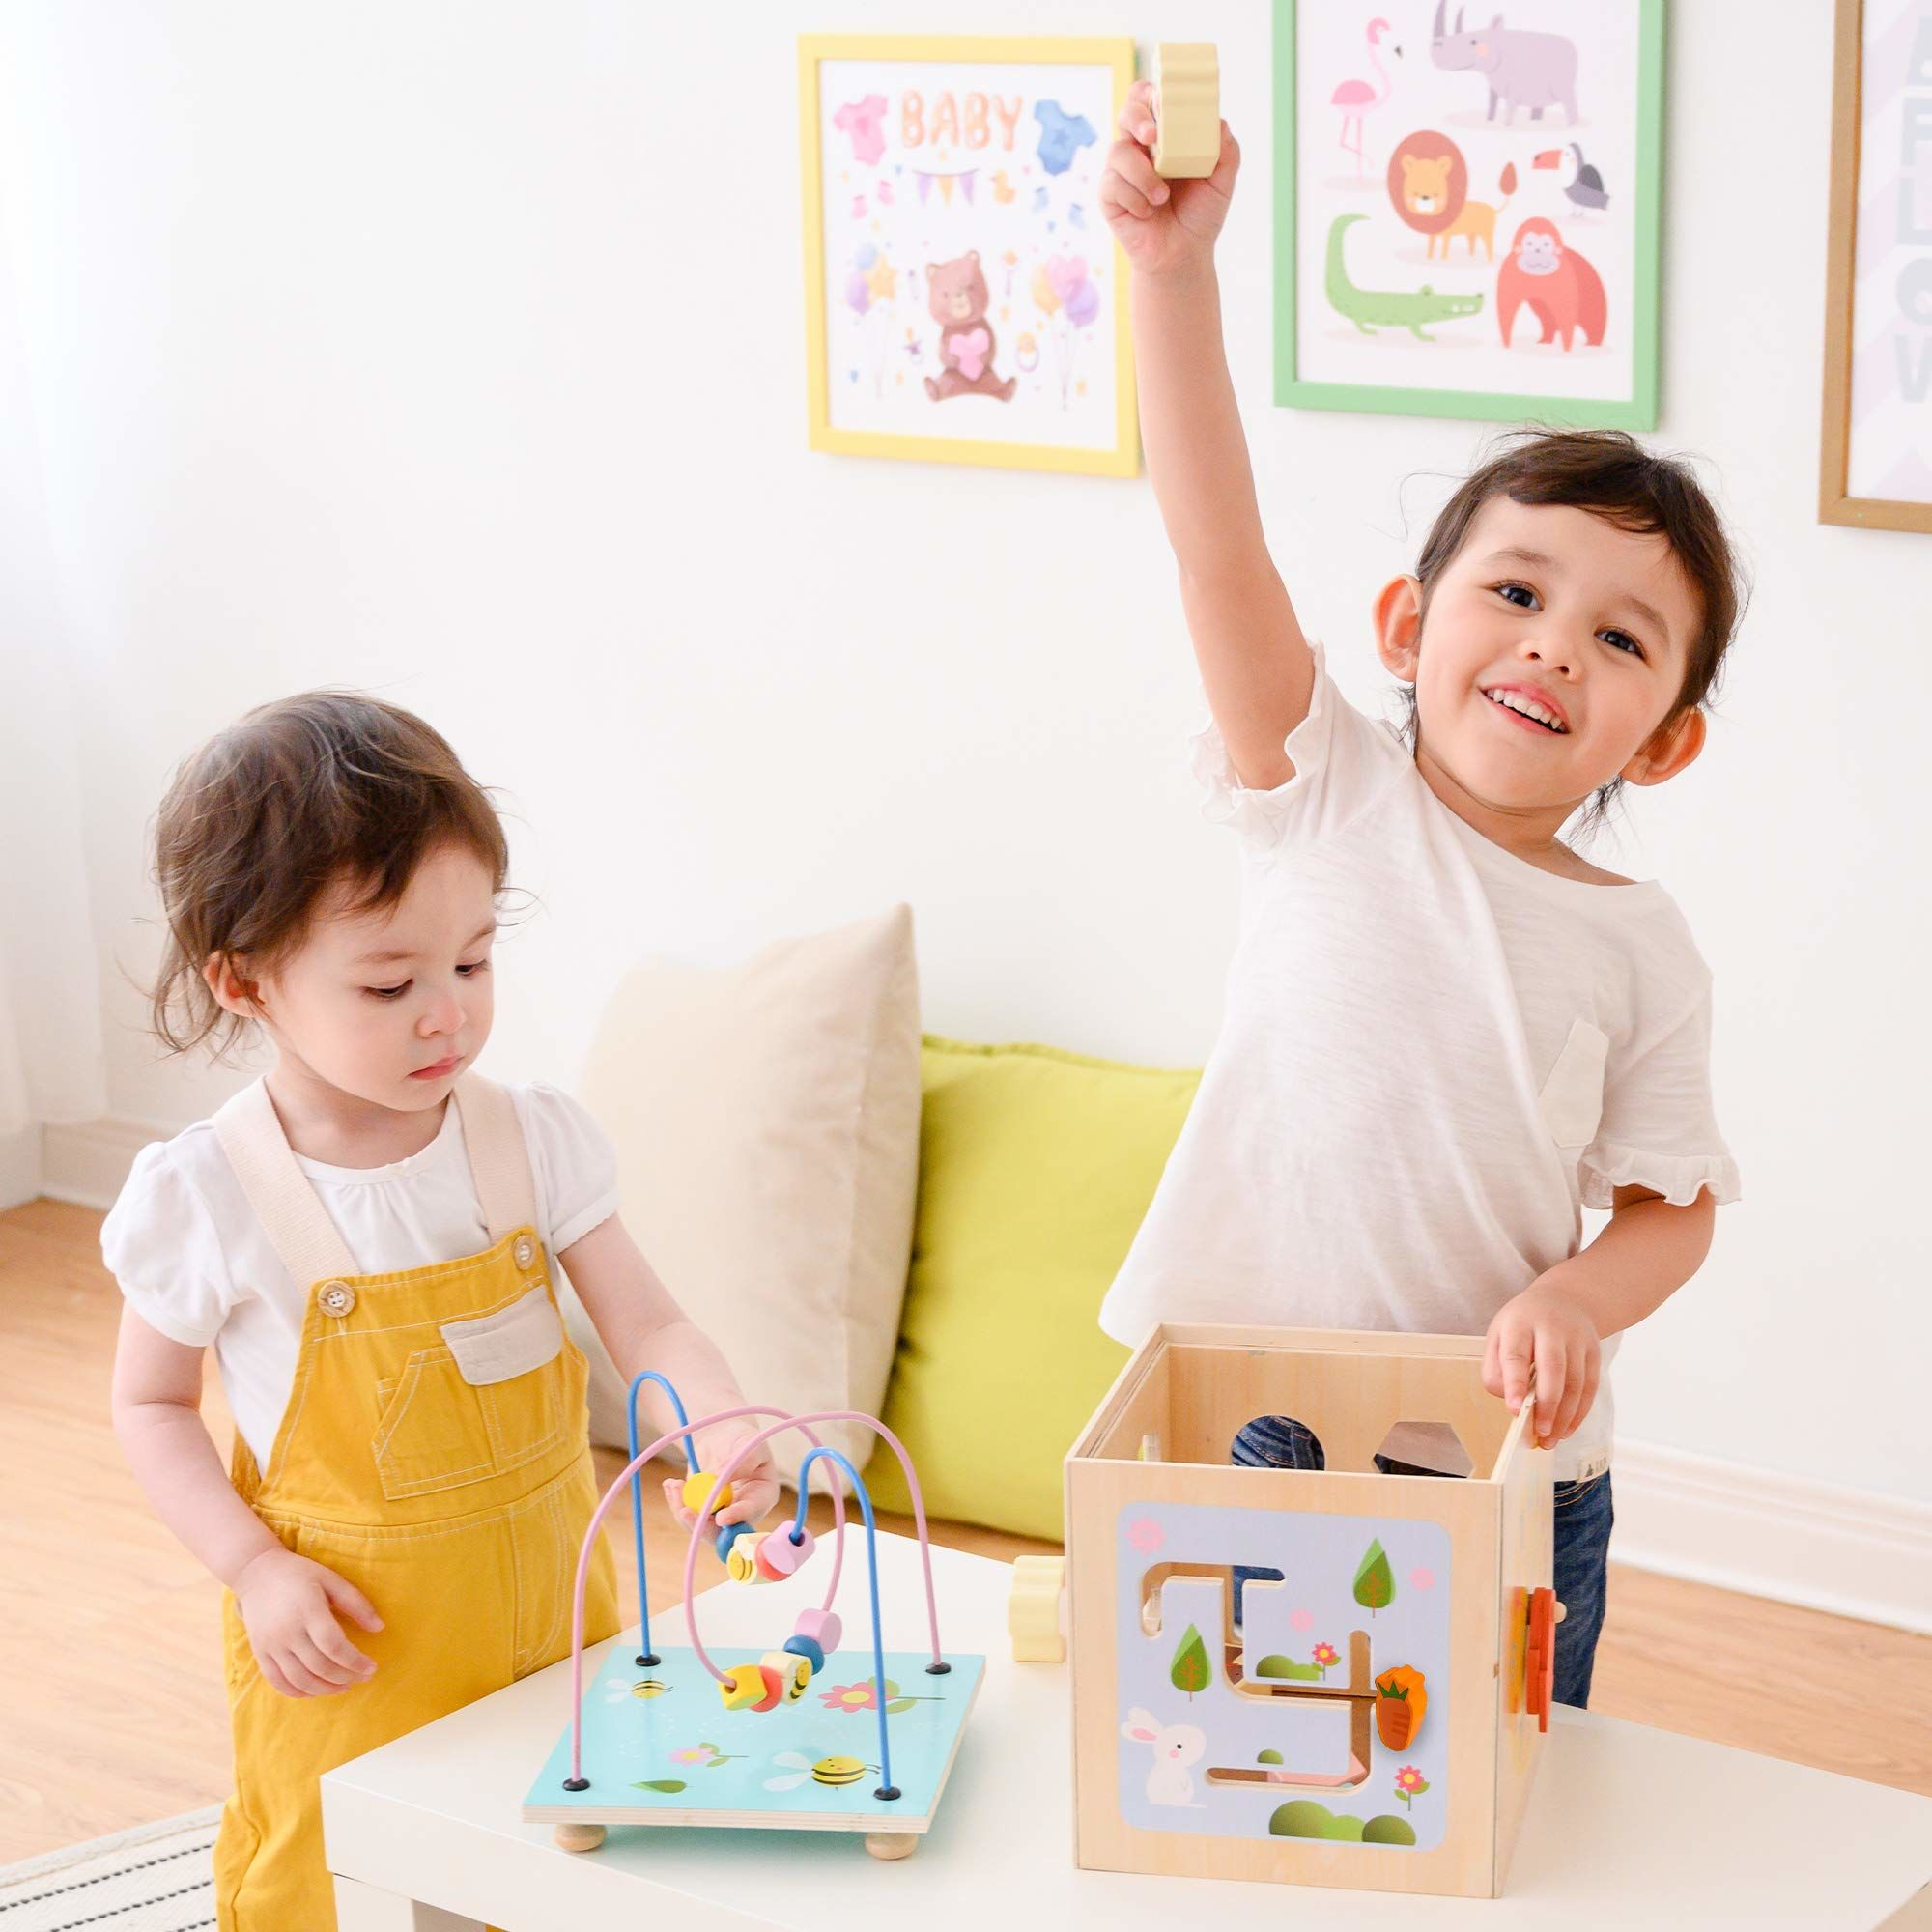 Teamson Kids PS-T0006 Przedszkole 5 w 1 drewniana kostka aktywności, wielofunkcyjna zabawka edukacyjna, koralik labirynt, sorter kształtu kolorów